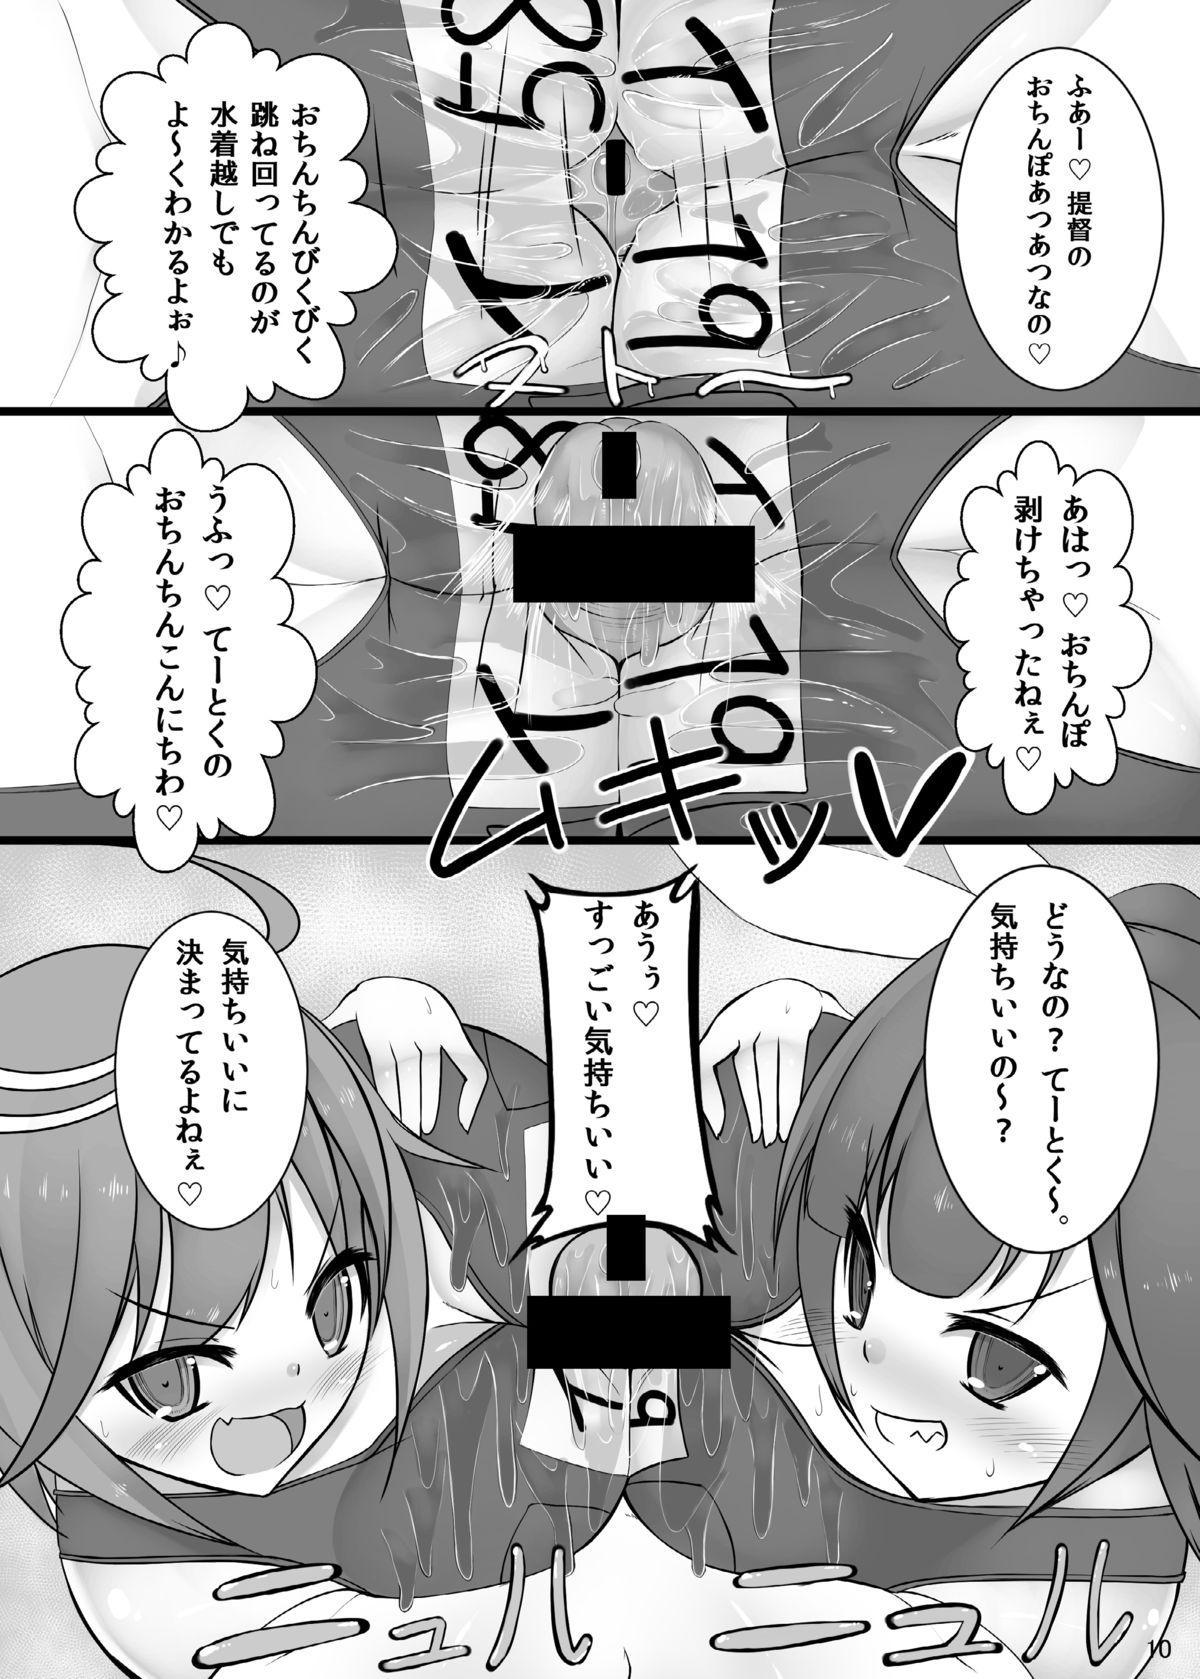 Otokonoko Teitoku ga 19 to 58 ni GyakuRa Sarechau Hon 9